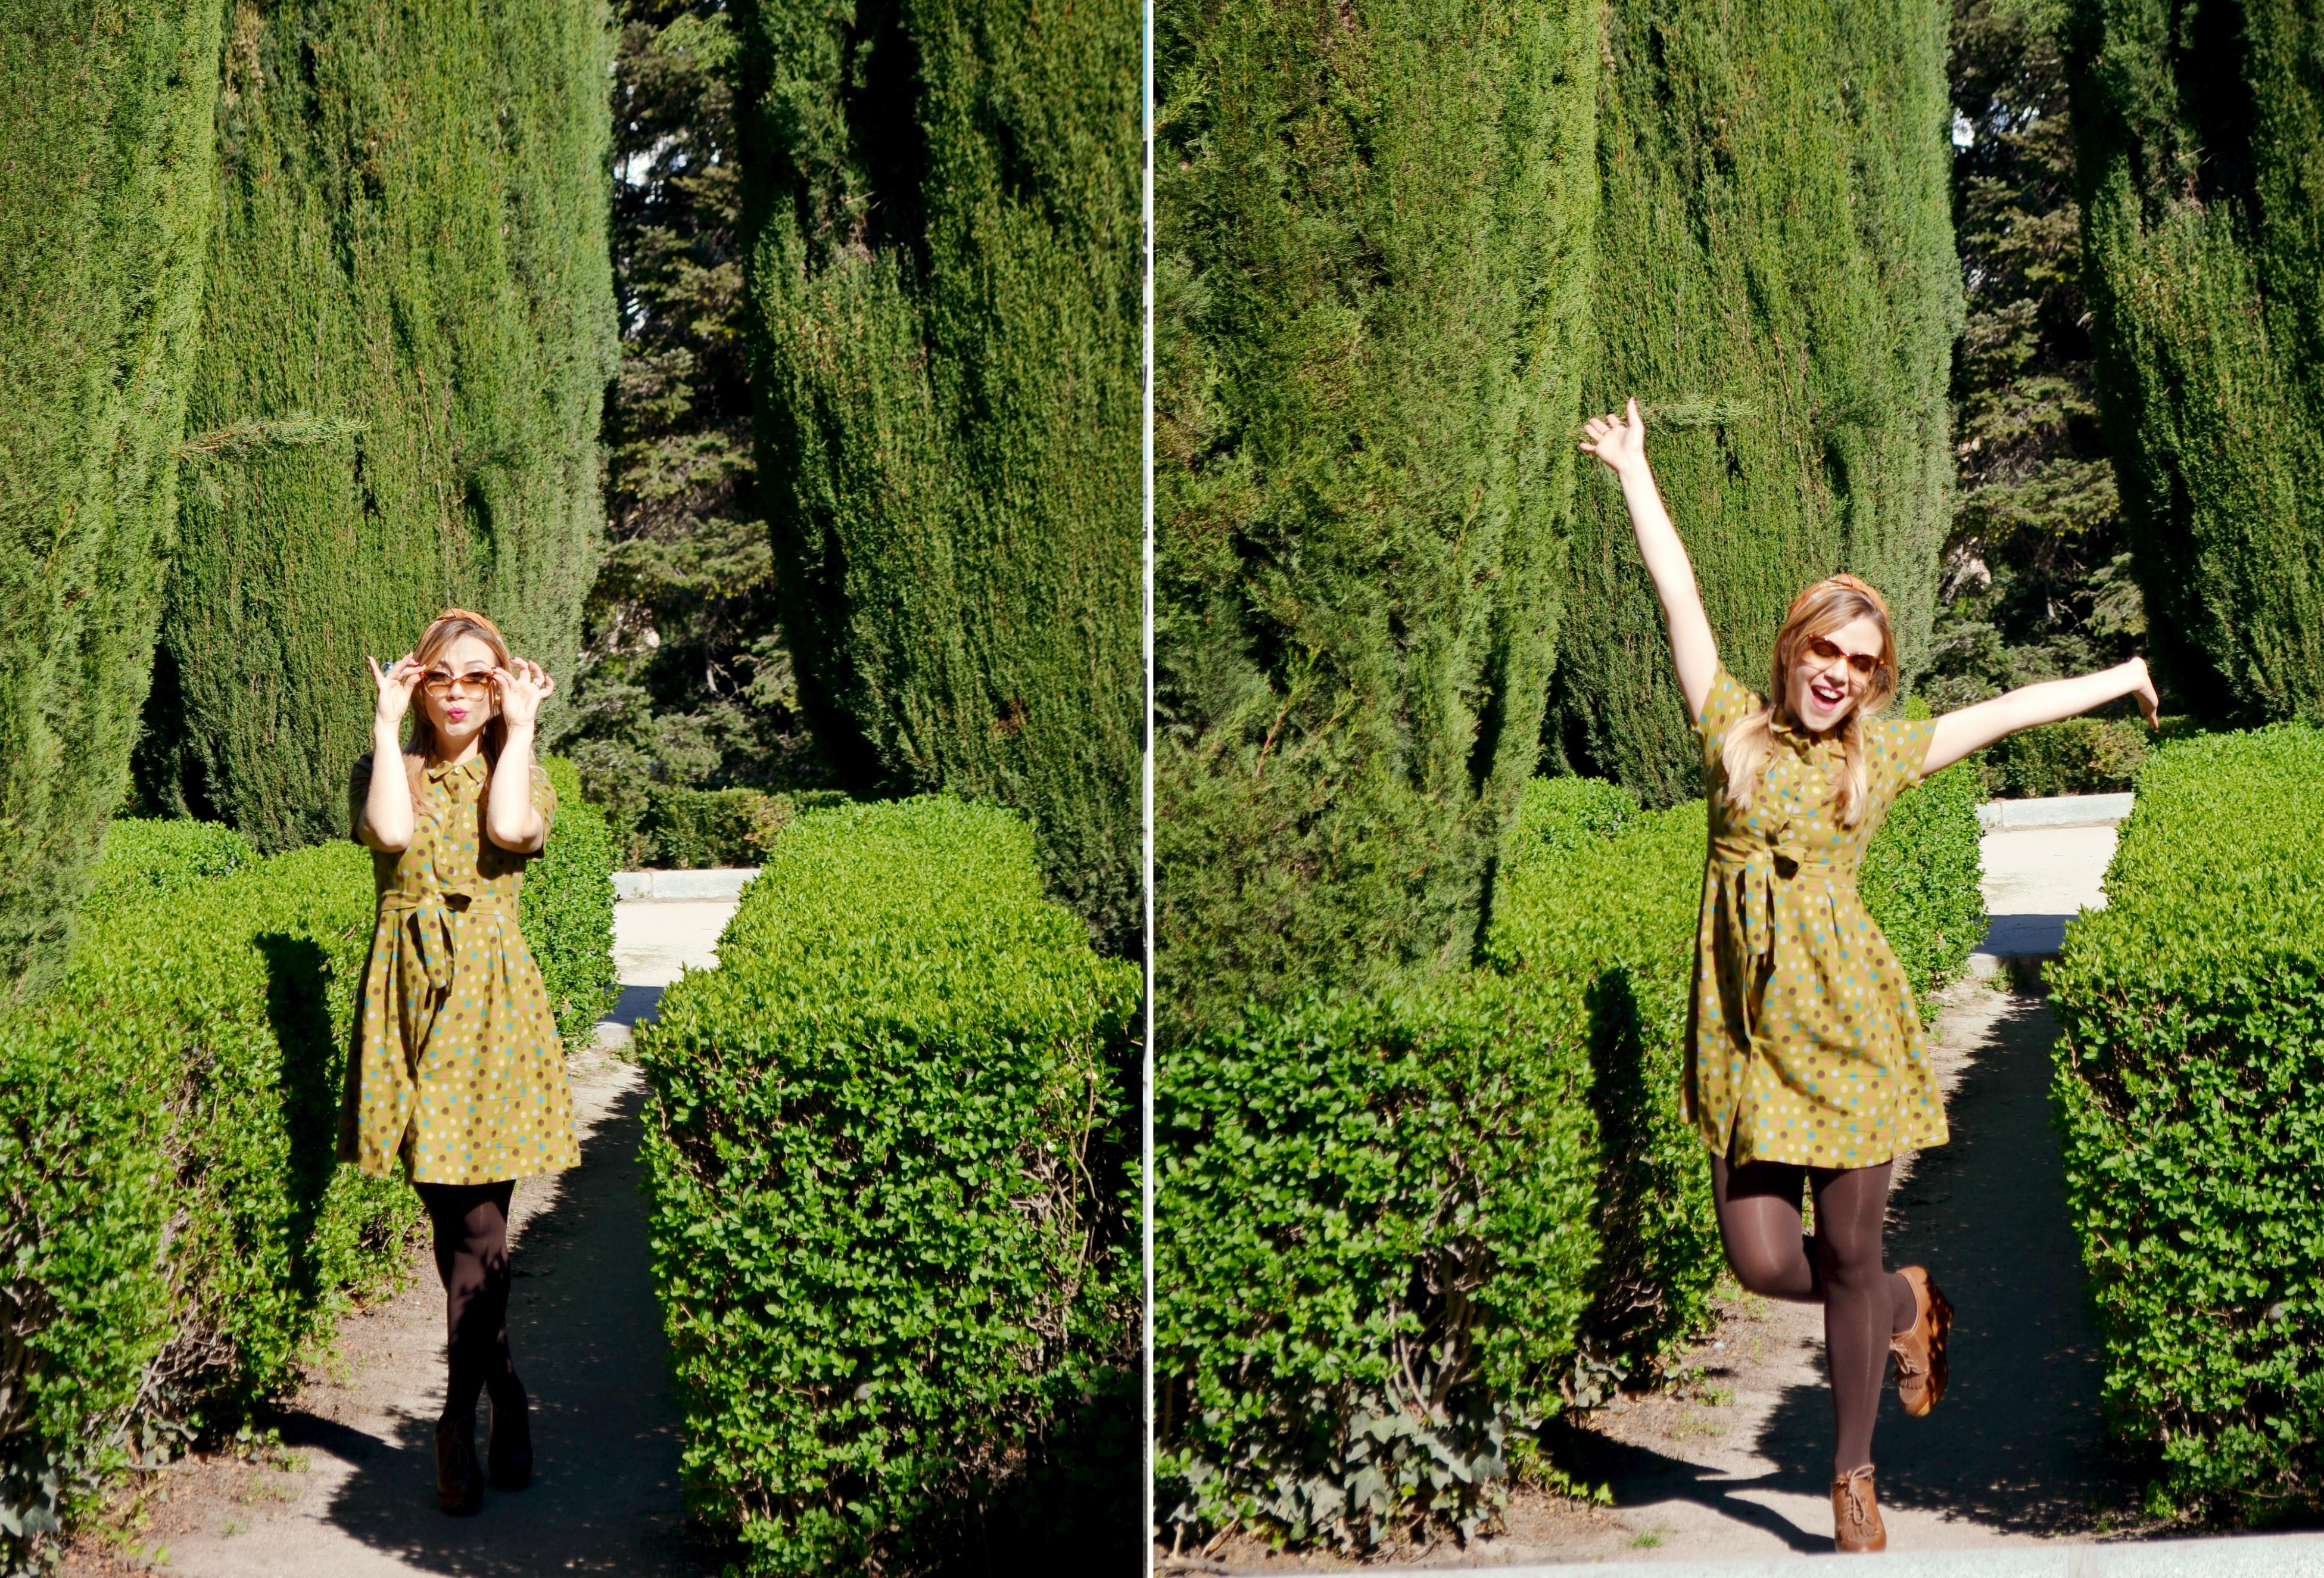 ChicAdicta-blog-de-moda-fashionista-Chic-Adicta-influencer-Madrid-vestido-de-lunares-polkadot-dress-look-de-primavera-PiensaenChic-Piensa-en-Chic